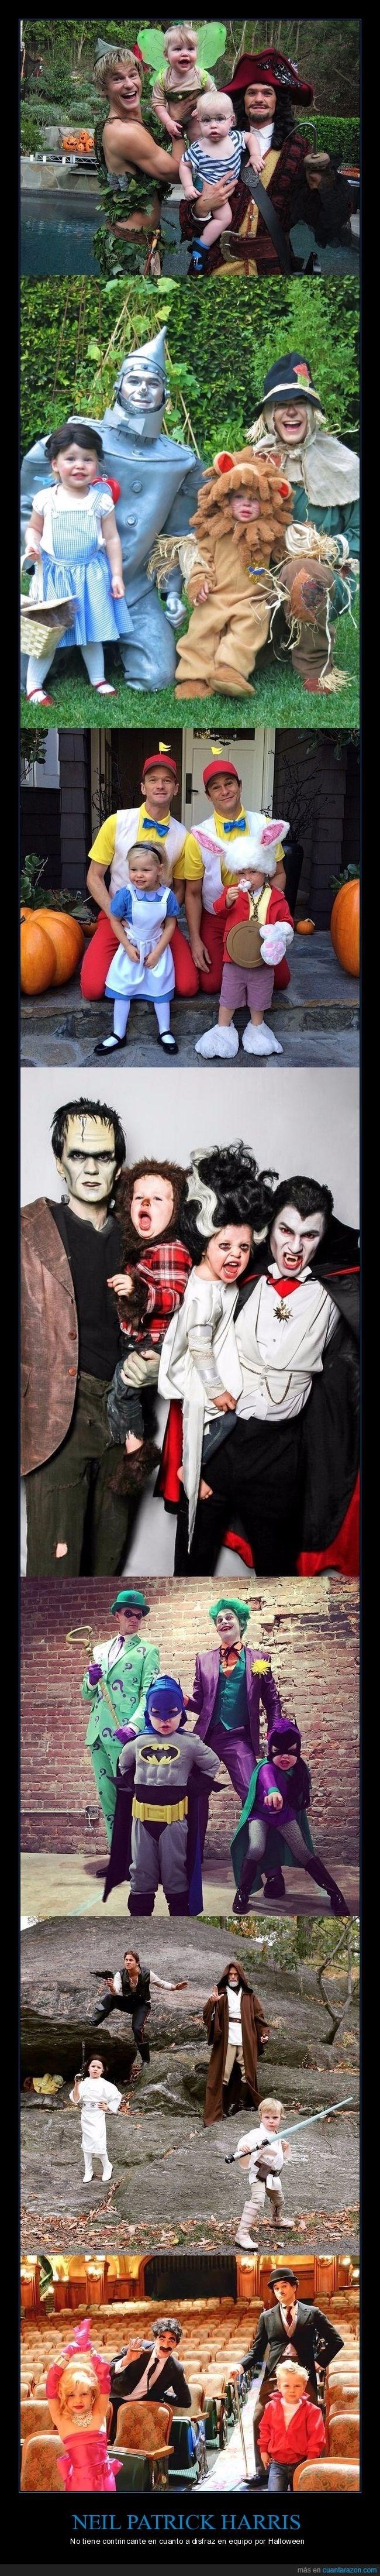 el disfraz anual de Neil Patrick Harris con toda su familia